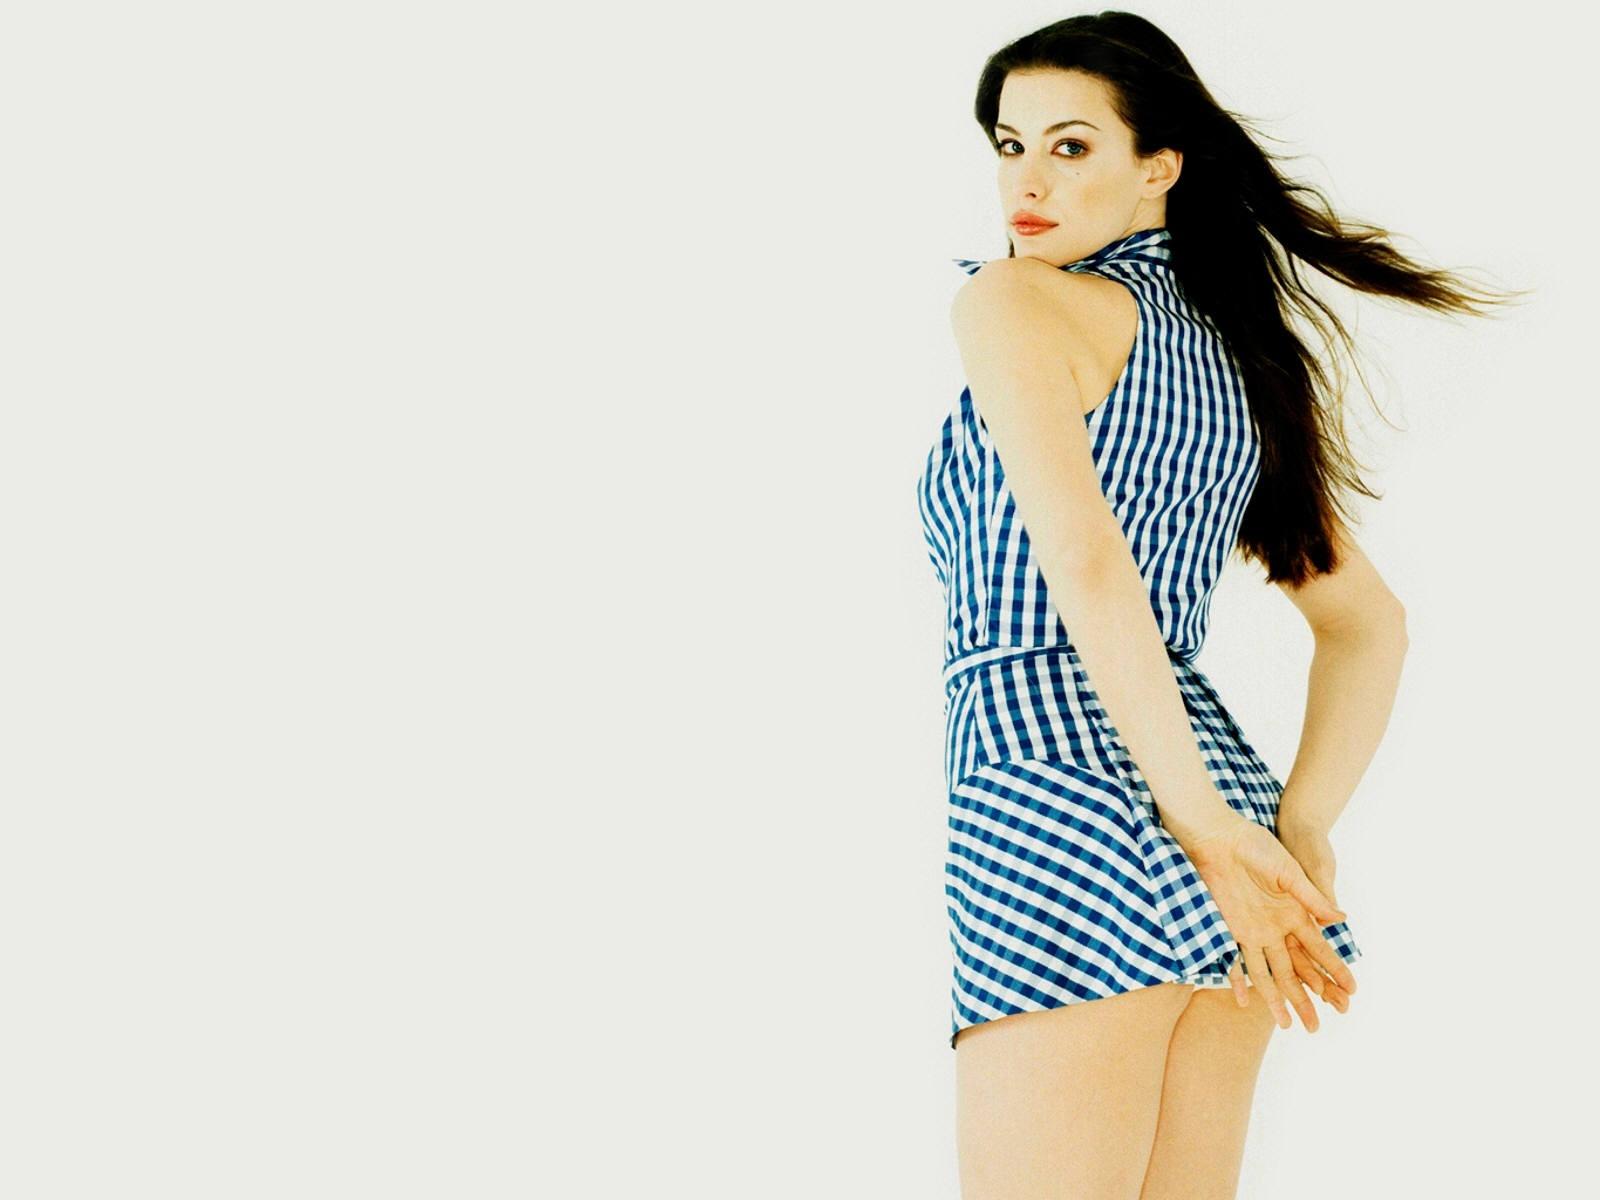 Wallpaper di Liv Tyler in miniabito azzurro